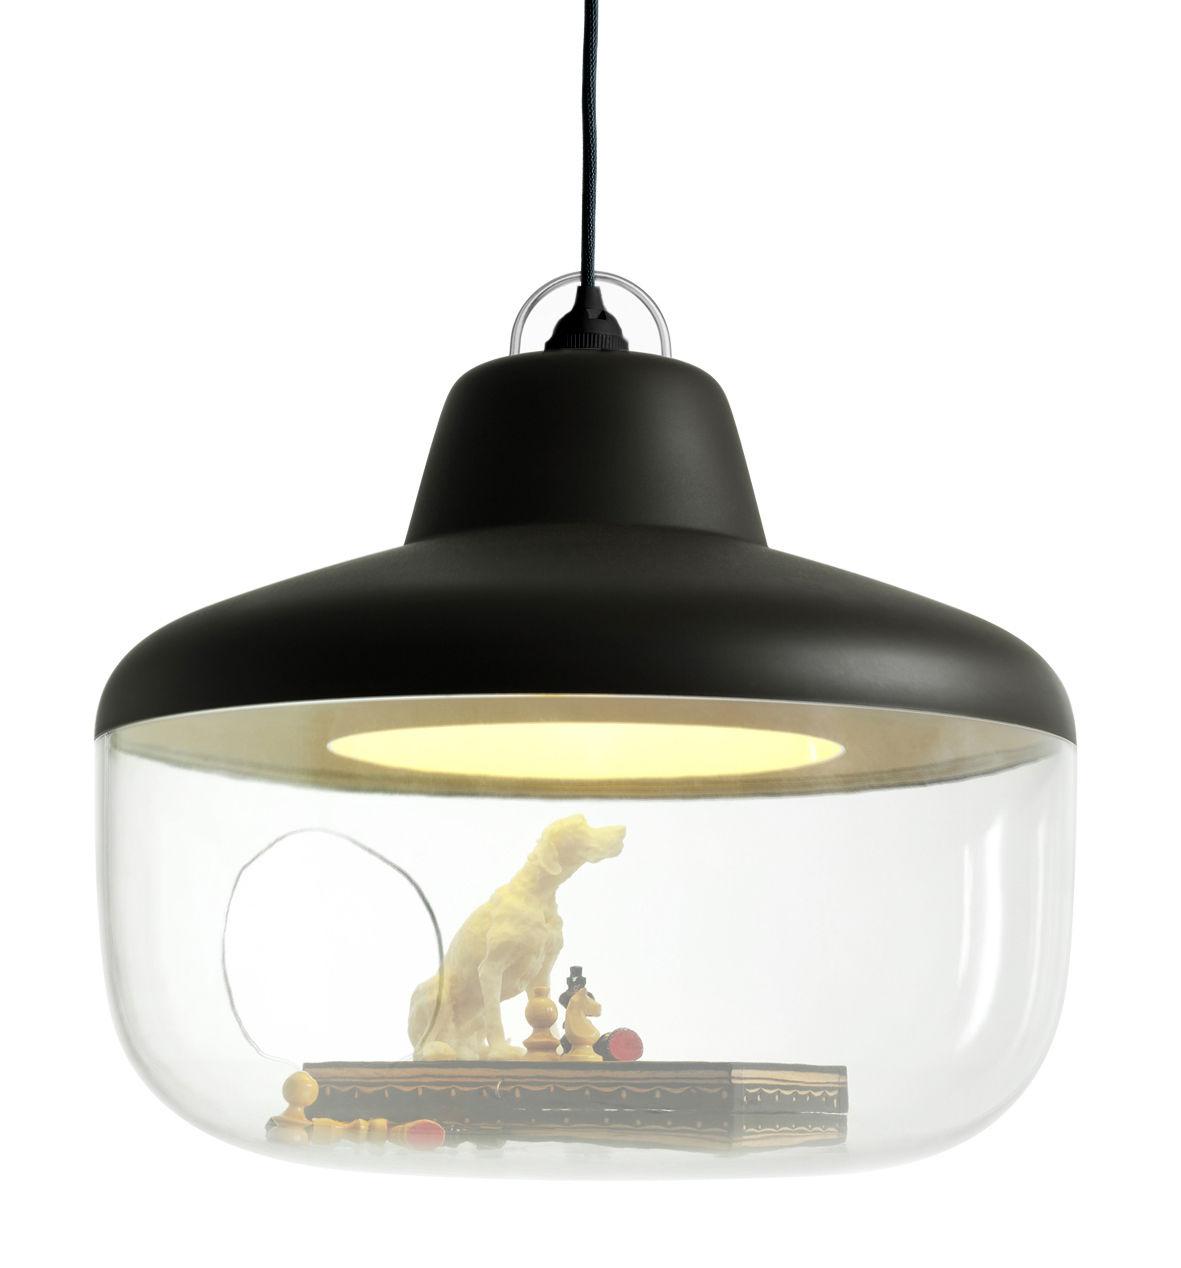 Luminaire - Suspensions - Suspension Favourite things / Vitrine - ENOstudio - Gris foncé - Polycarbonate, Polypropylène